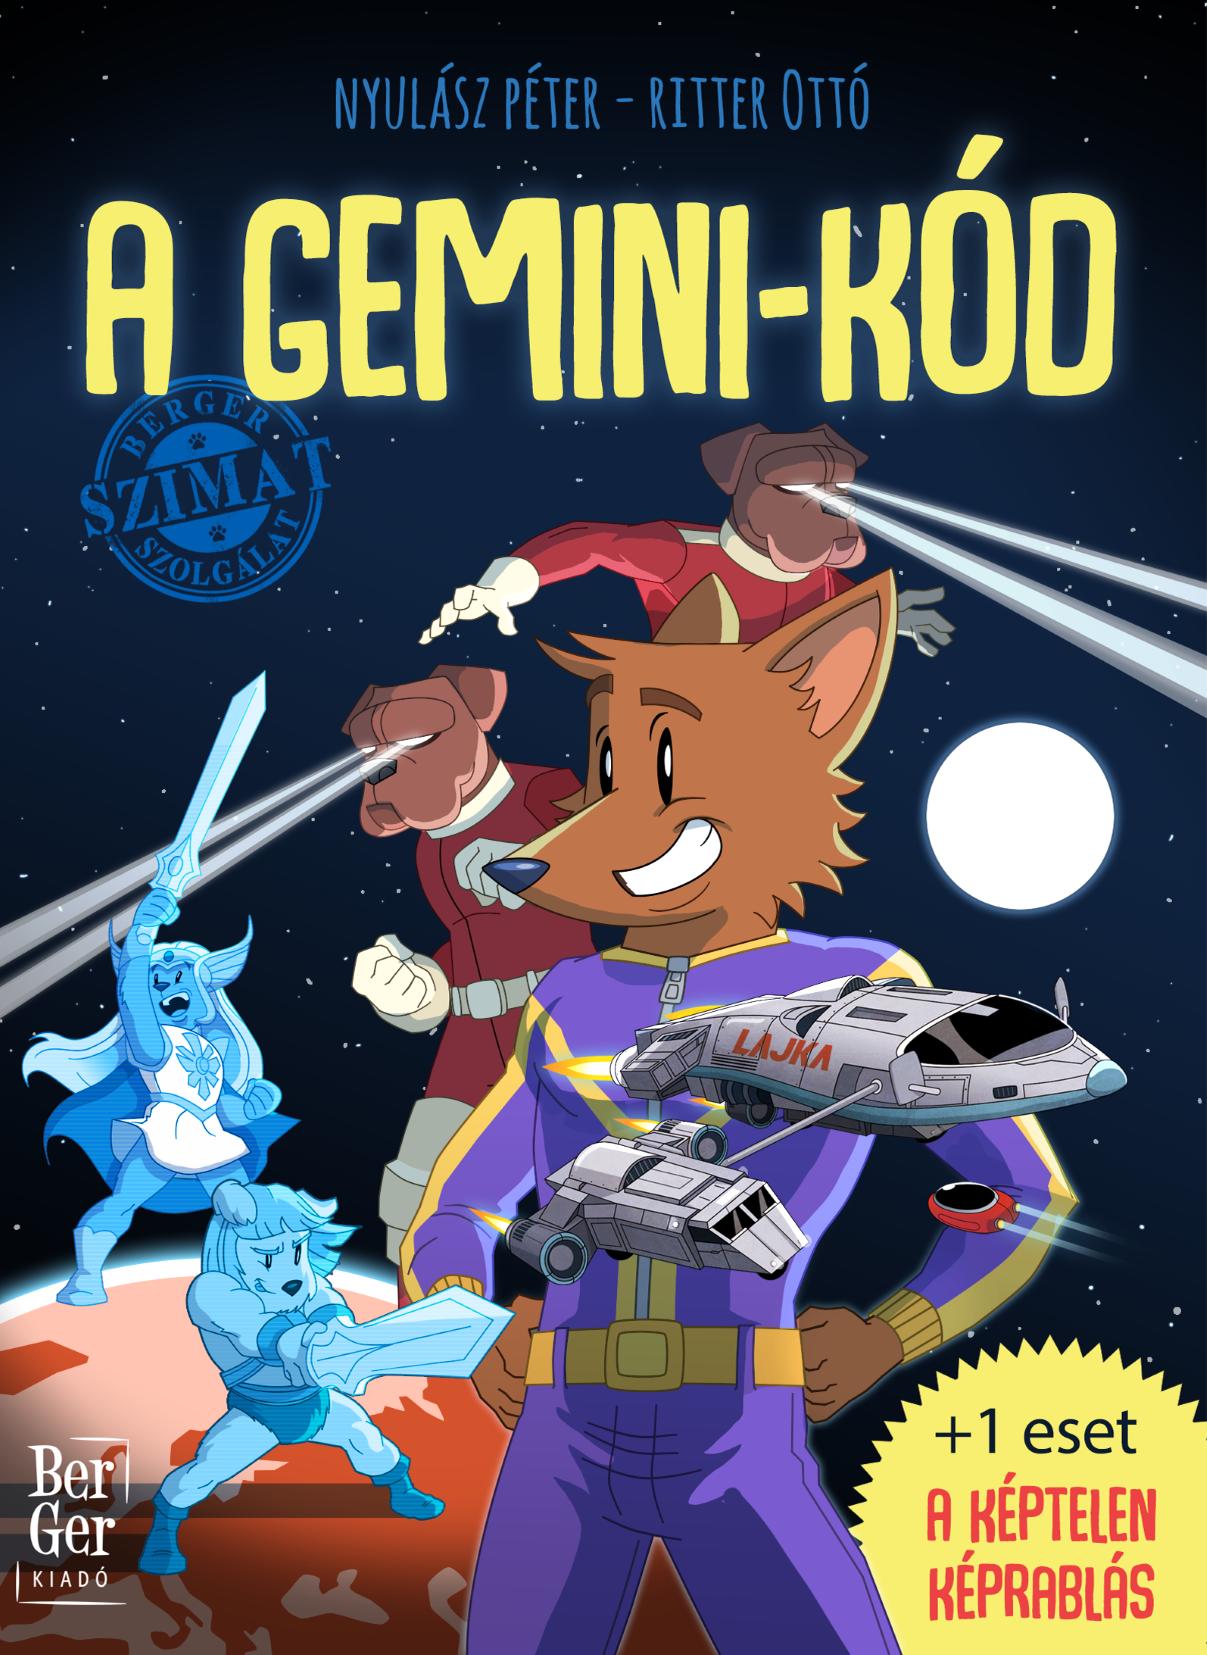 A Gemini kód